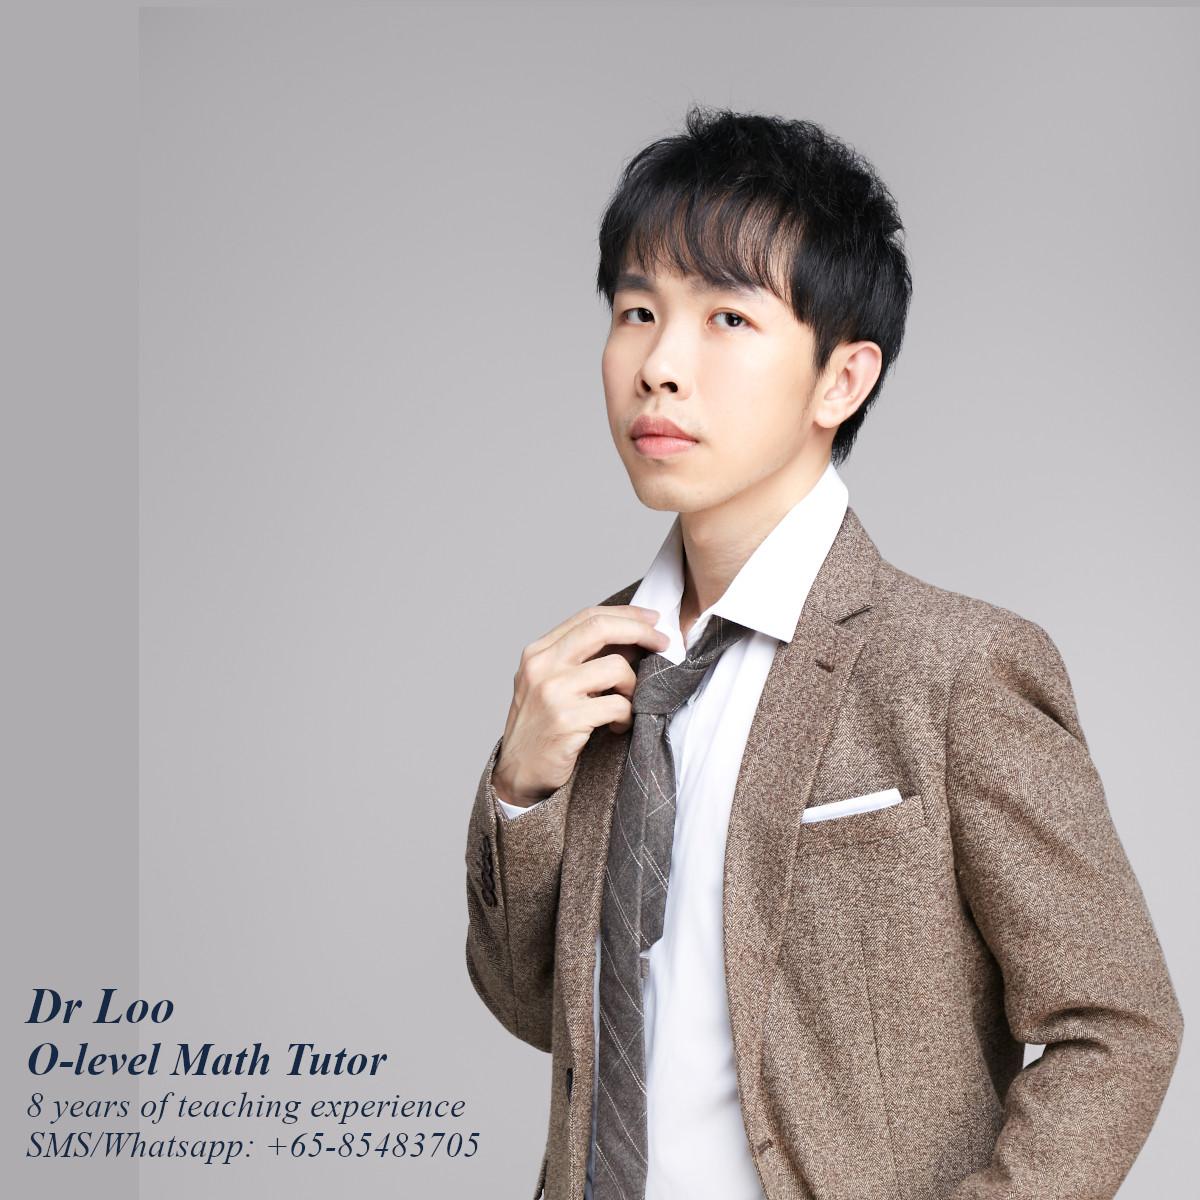 O-level Math Tutor in Singapore